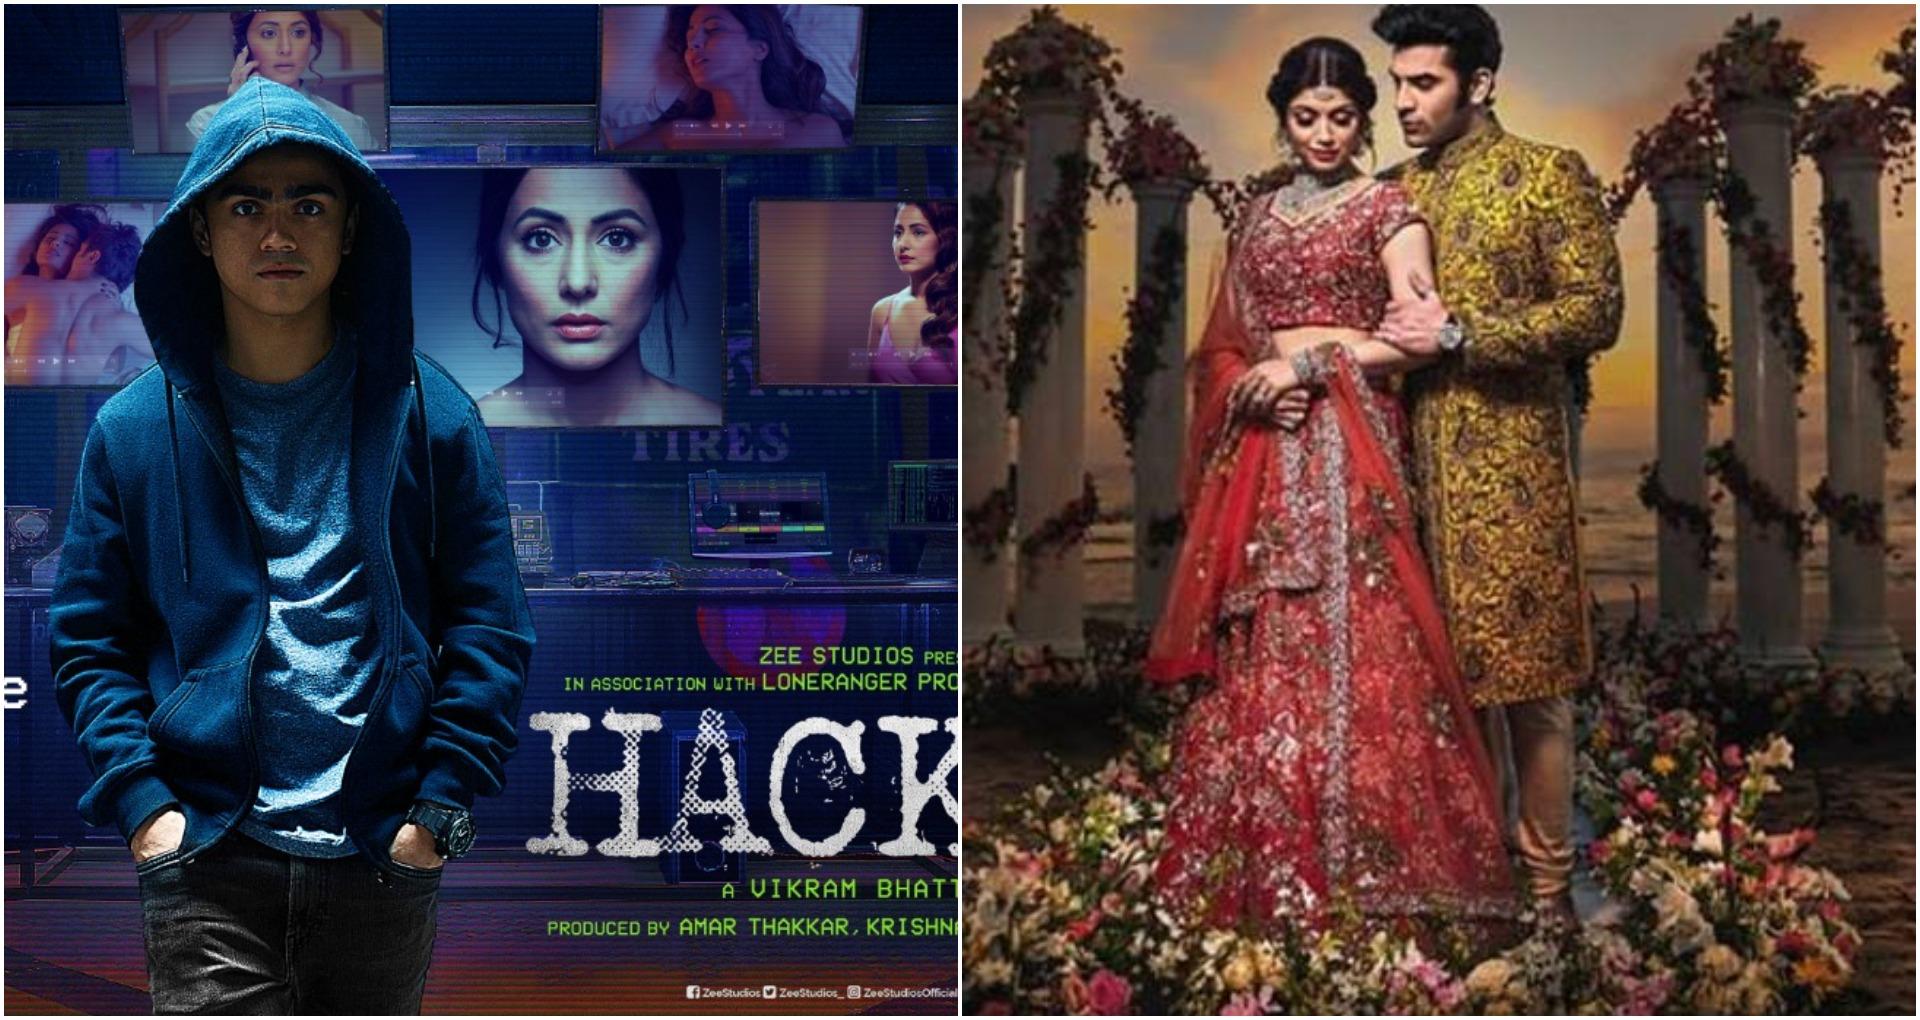 TV TOP 5 NEWS: हिना खान की फिल्म 'हैक्ड' का ट्रेलर आया सामने, आकांक्षा और पारस इस साल करने वाले थेशादी